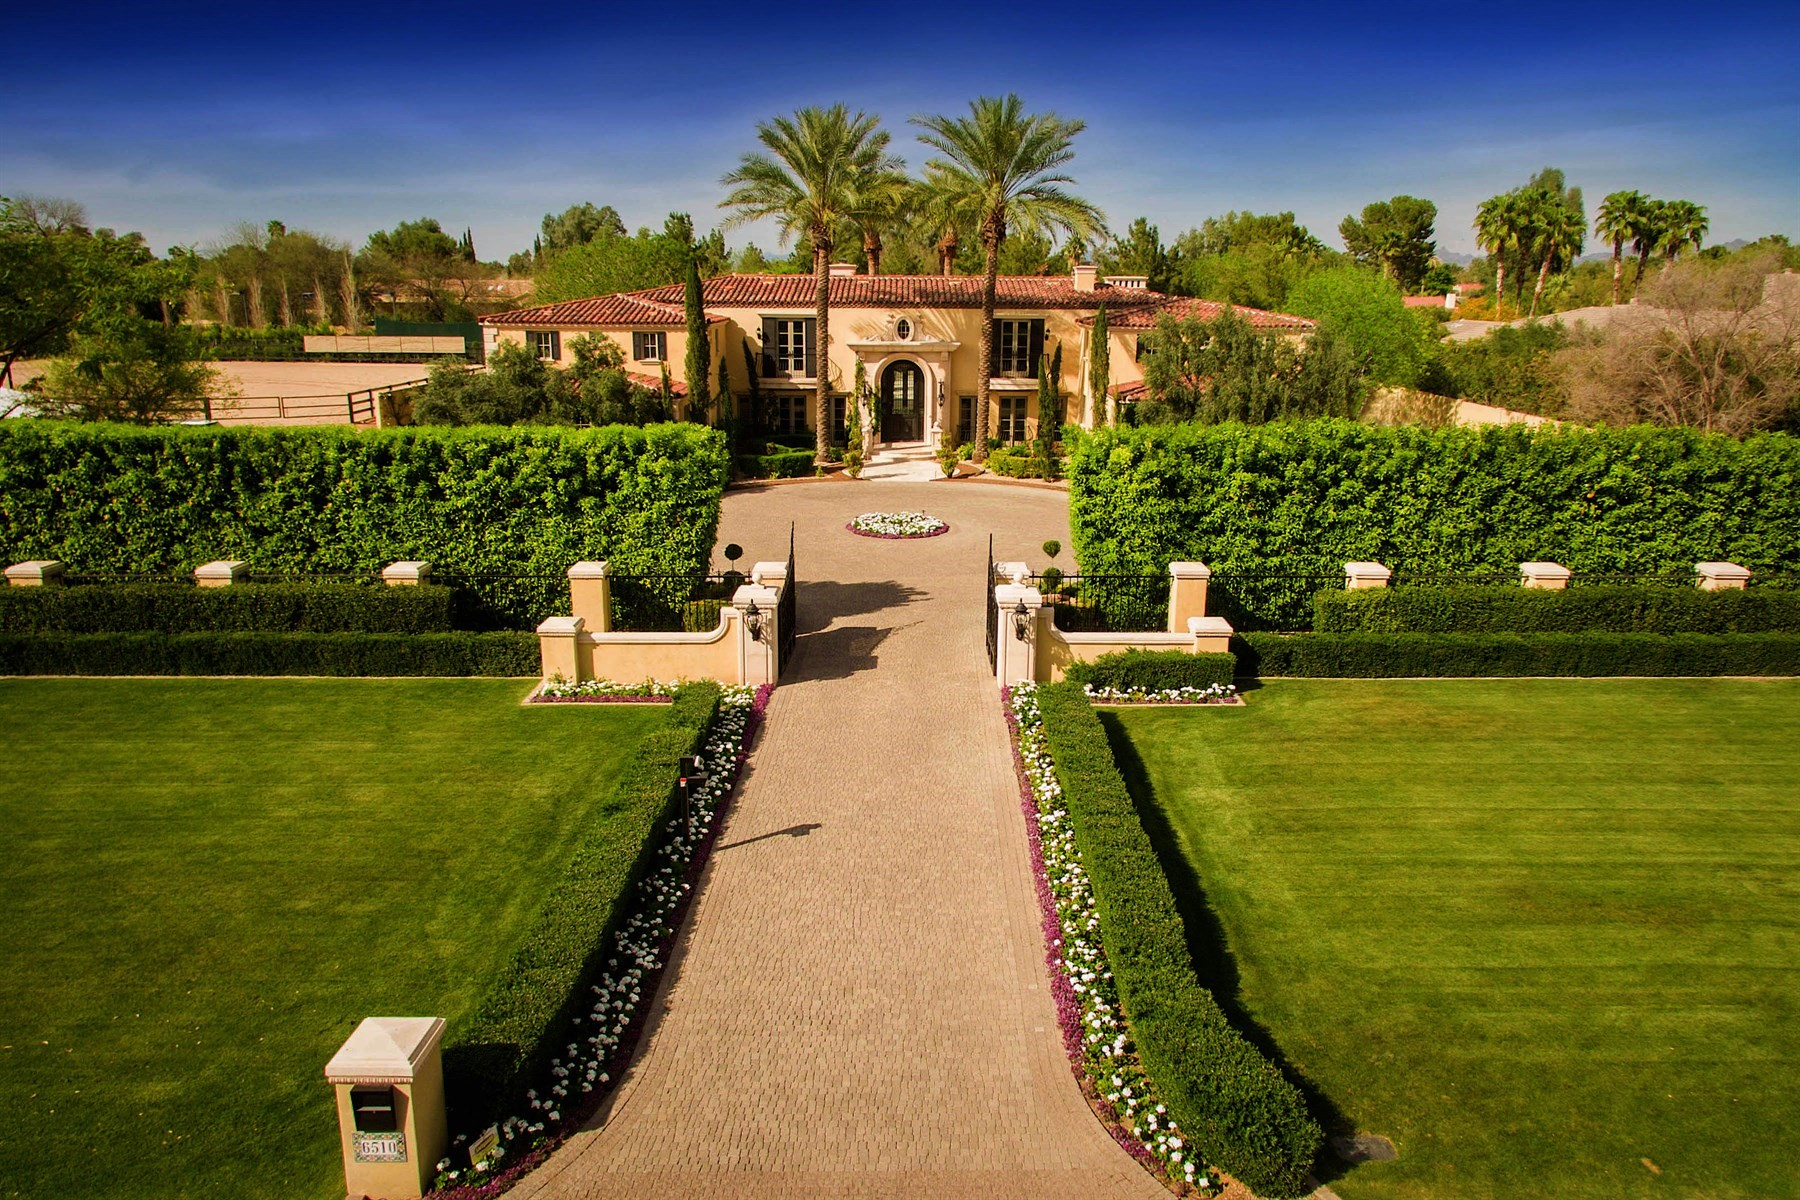 Einfamilienhaus für Verkauf beim Sophisticated Santa Barbara estate 6510 E Bar Z Ln Paradise Valley, Arizona, 85253 Vereinigte Staaten